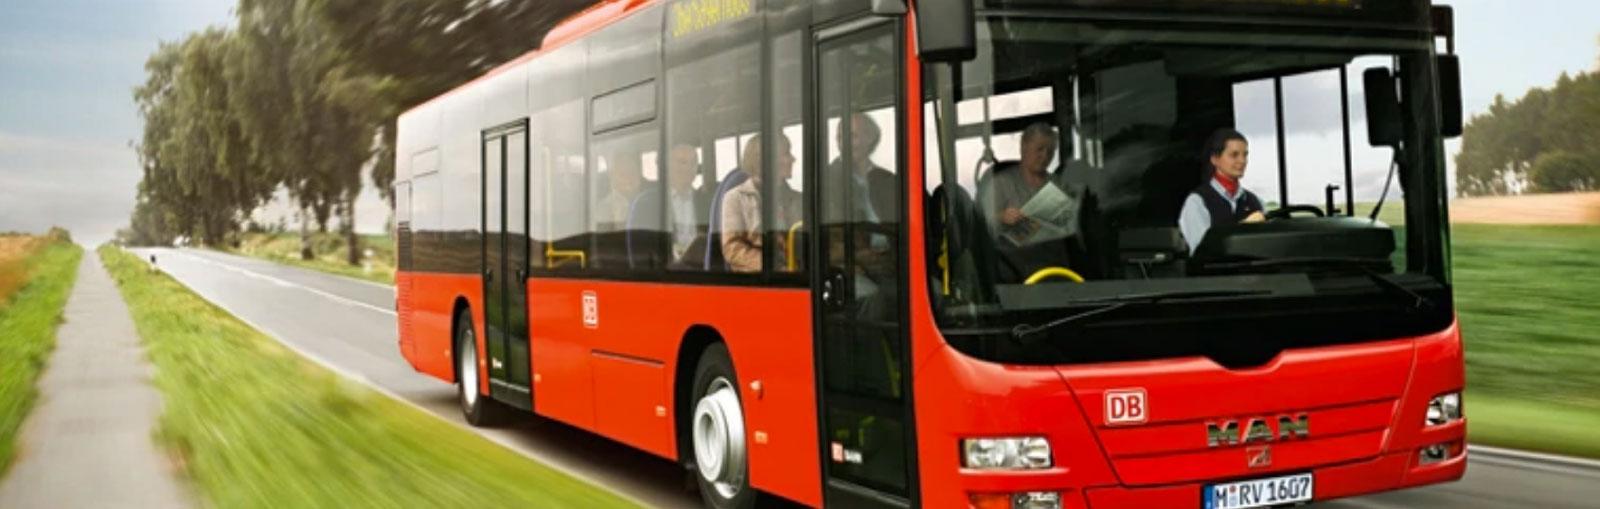 RVO-Bus auf der Landstraße